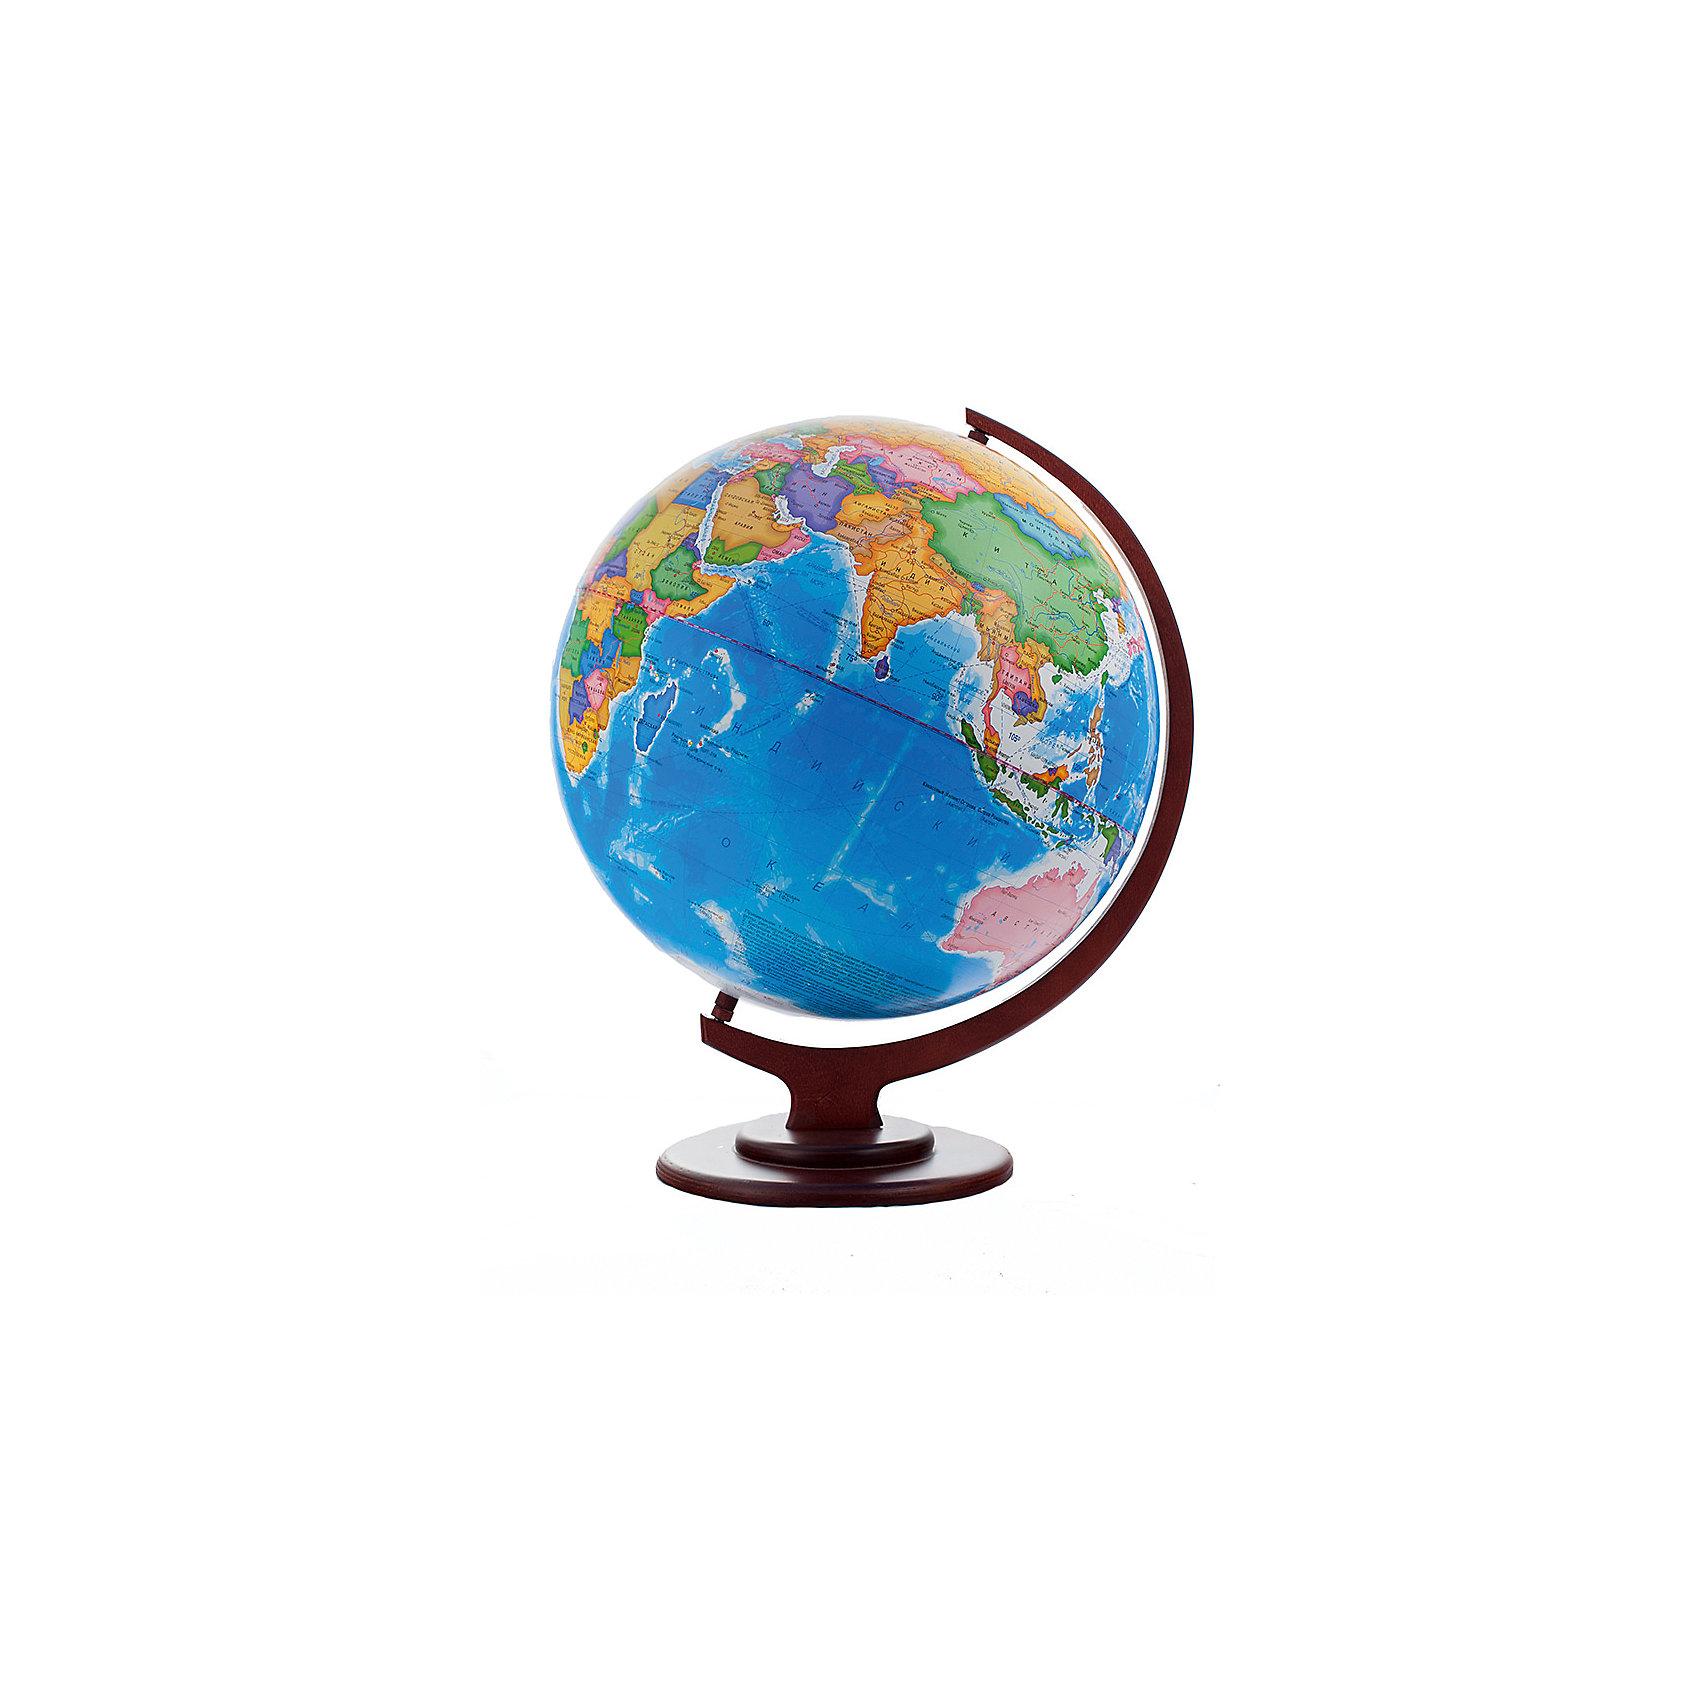 Глобус Земли политический рельефный, диаметр 420 ммГлобусы<br>Характеристики товара:<br><br>• возраст от 6 лет;<br>• материал: пластик, дерево;<br>• цвет подставки: вишня, орех<br>• диаметр глобуса 420 мм;<br>• масштаб 1:30000000;<br>• размер упаковки 55х46х46 см;<br>• вес упаковки 1,035 кг;<br>• страна производитель: Россия.<br><br>Глобус Земли политический рельефный, 420 мм Глобусный мир — уменьшенная копия нашей планеты. Глобус станет отличным дополнением для школьника или студента. Он представляет собой политическую карту мира со странами, их границами, столицами и городами. Глобус имеет рельефную поверхность.<br><br>Глобус Земли политический рельефный, 420 мм Глобусный мир можно приобрести в нашем интернет-магазине.<br><br>Ширина мм: 460<br>Глубина мм: 460<br>Высота мм: 550<br>Вес г: 1035<br>Возраст от месяцев: 72<br>Возраст до месяцев: 2147483647<br>Пол: Унисекс<br>Возраст: Детский<br>SKU: 5518214